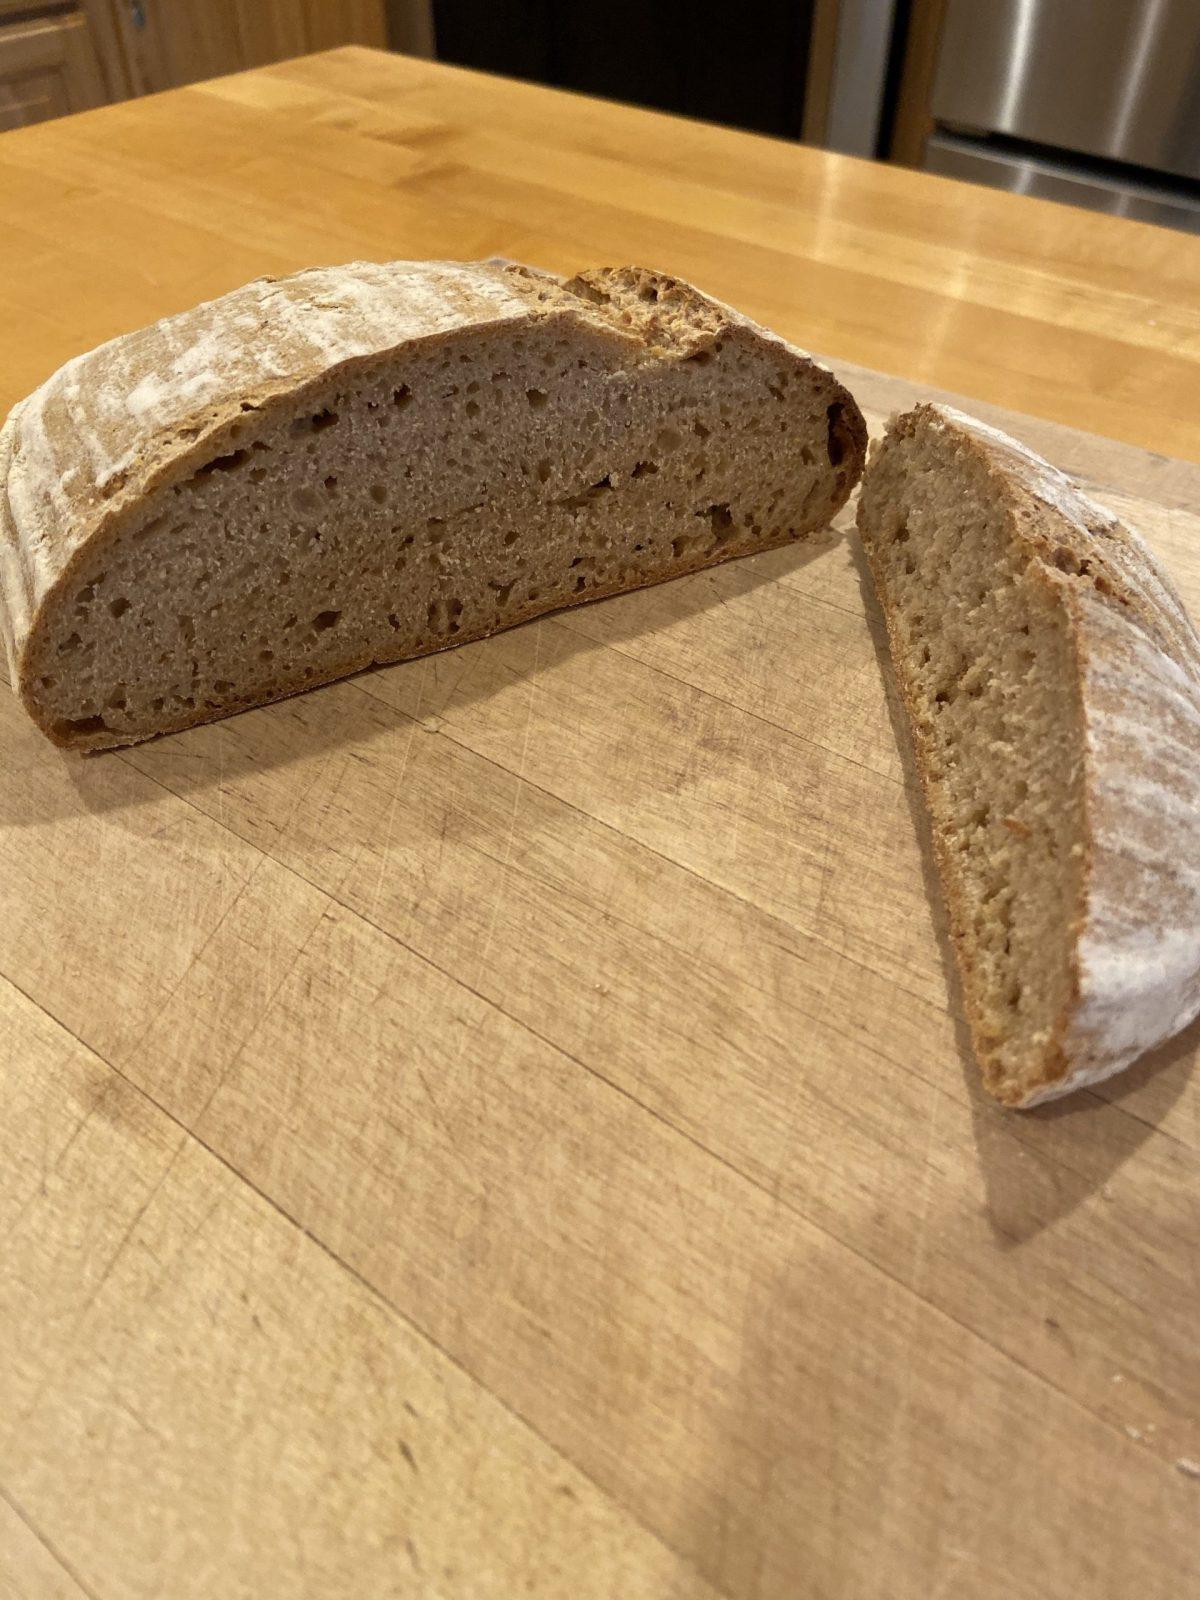 Making Sourdough Bread, Part 2